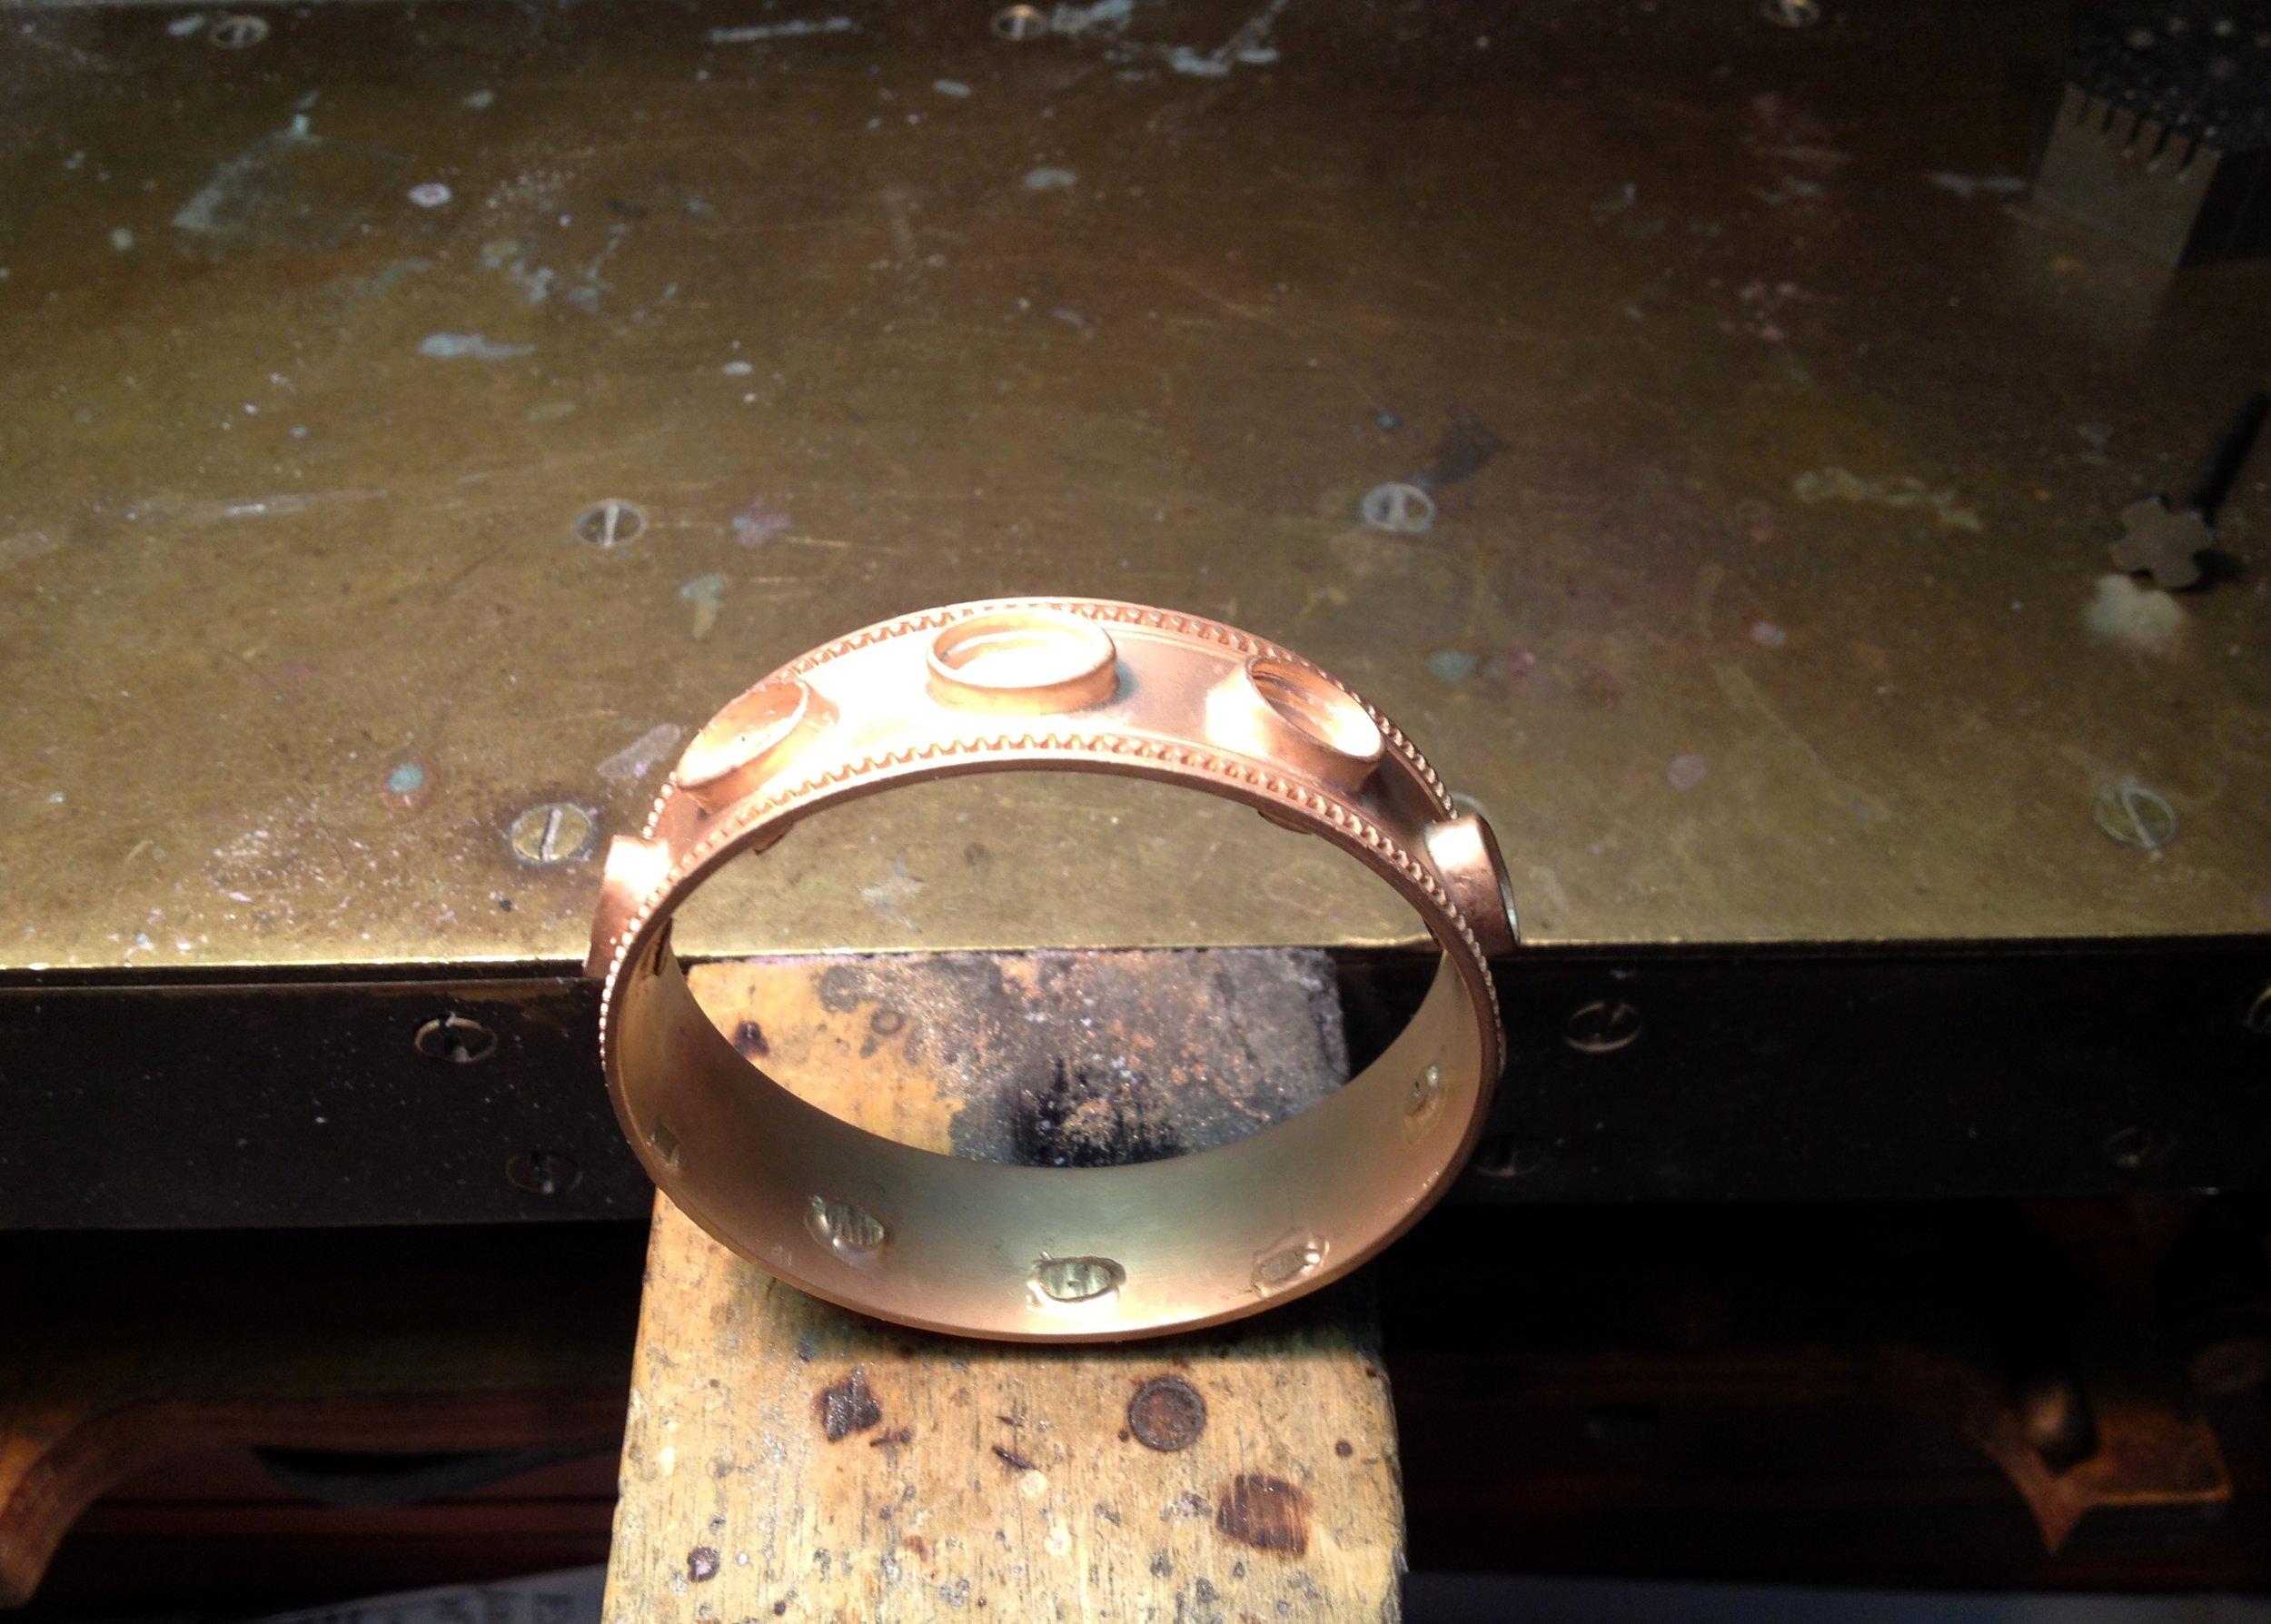 22-karat-gold-custom-designed-Etruscan-bracelet-after-casting-on-the-bench.jpg